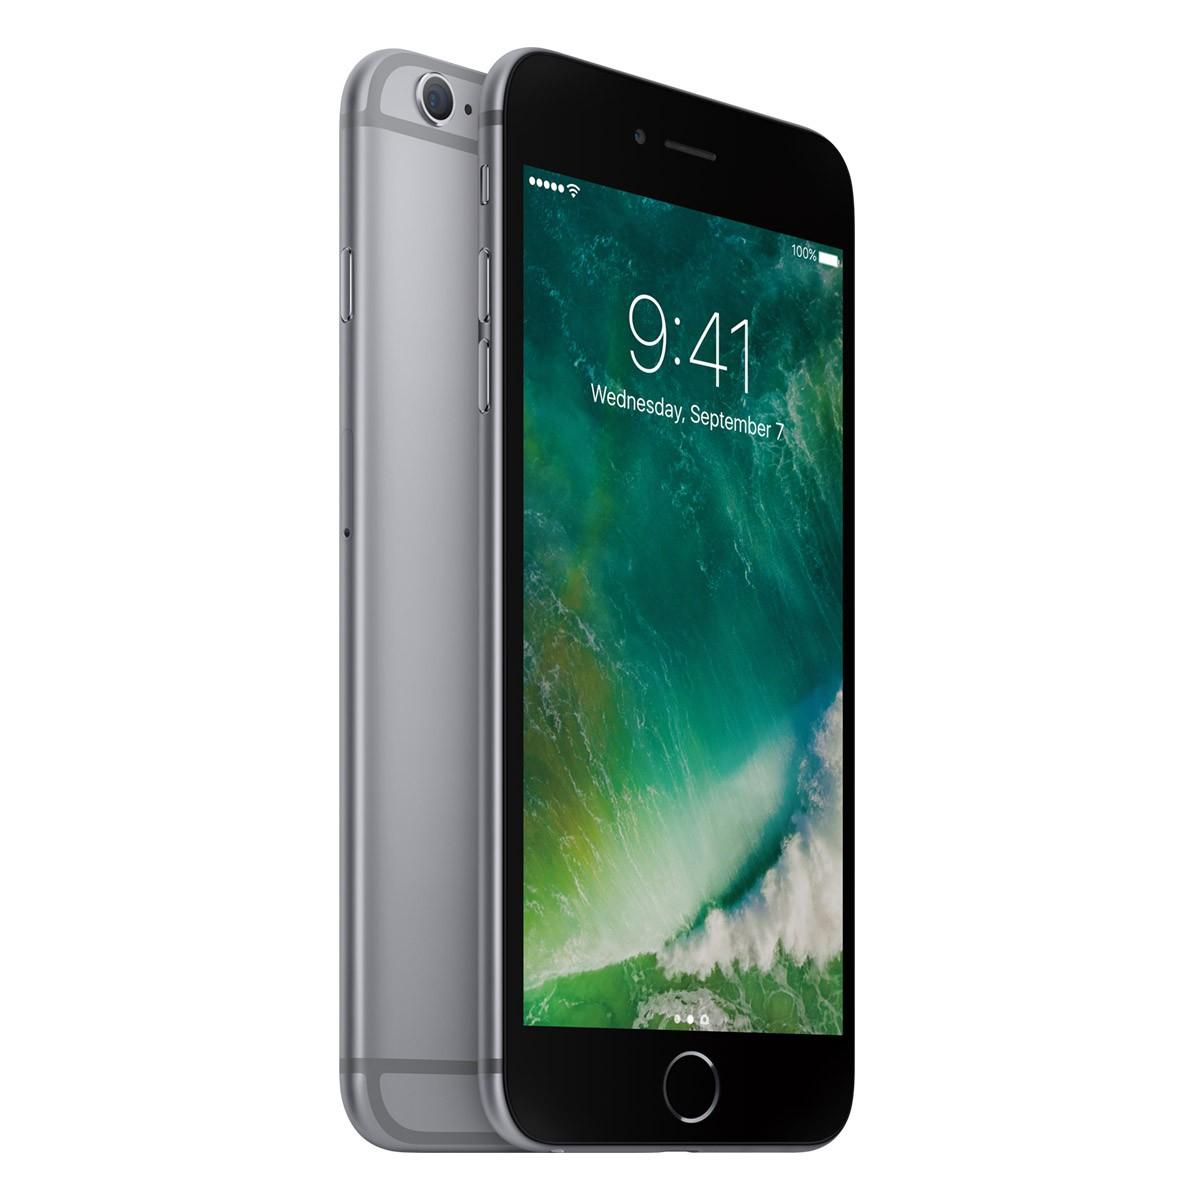 Apple iPhone 6s Plus 128GB - Space Gray (servisovaný, nepoužitý, záruka a odpovědnost z vad 12 měsíců u iSTYLE)